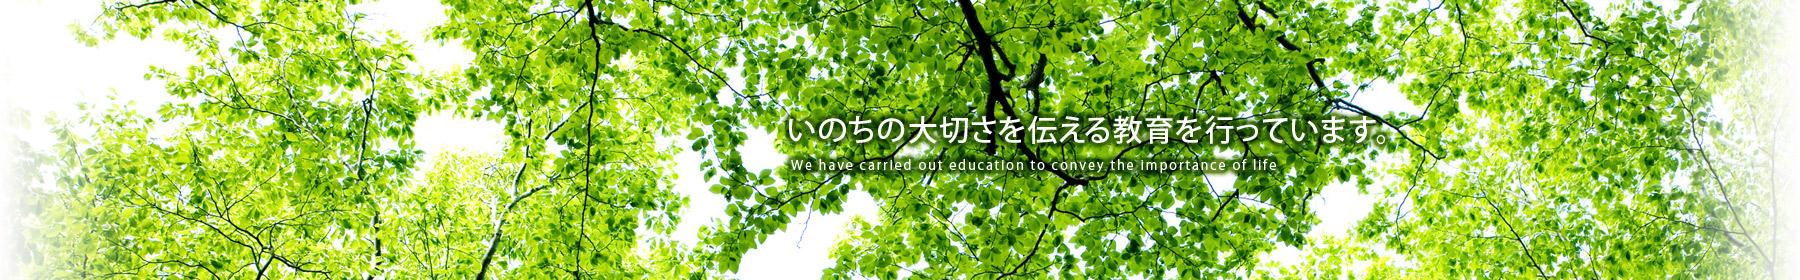 いのちの大切さを伝える教育を行っています